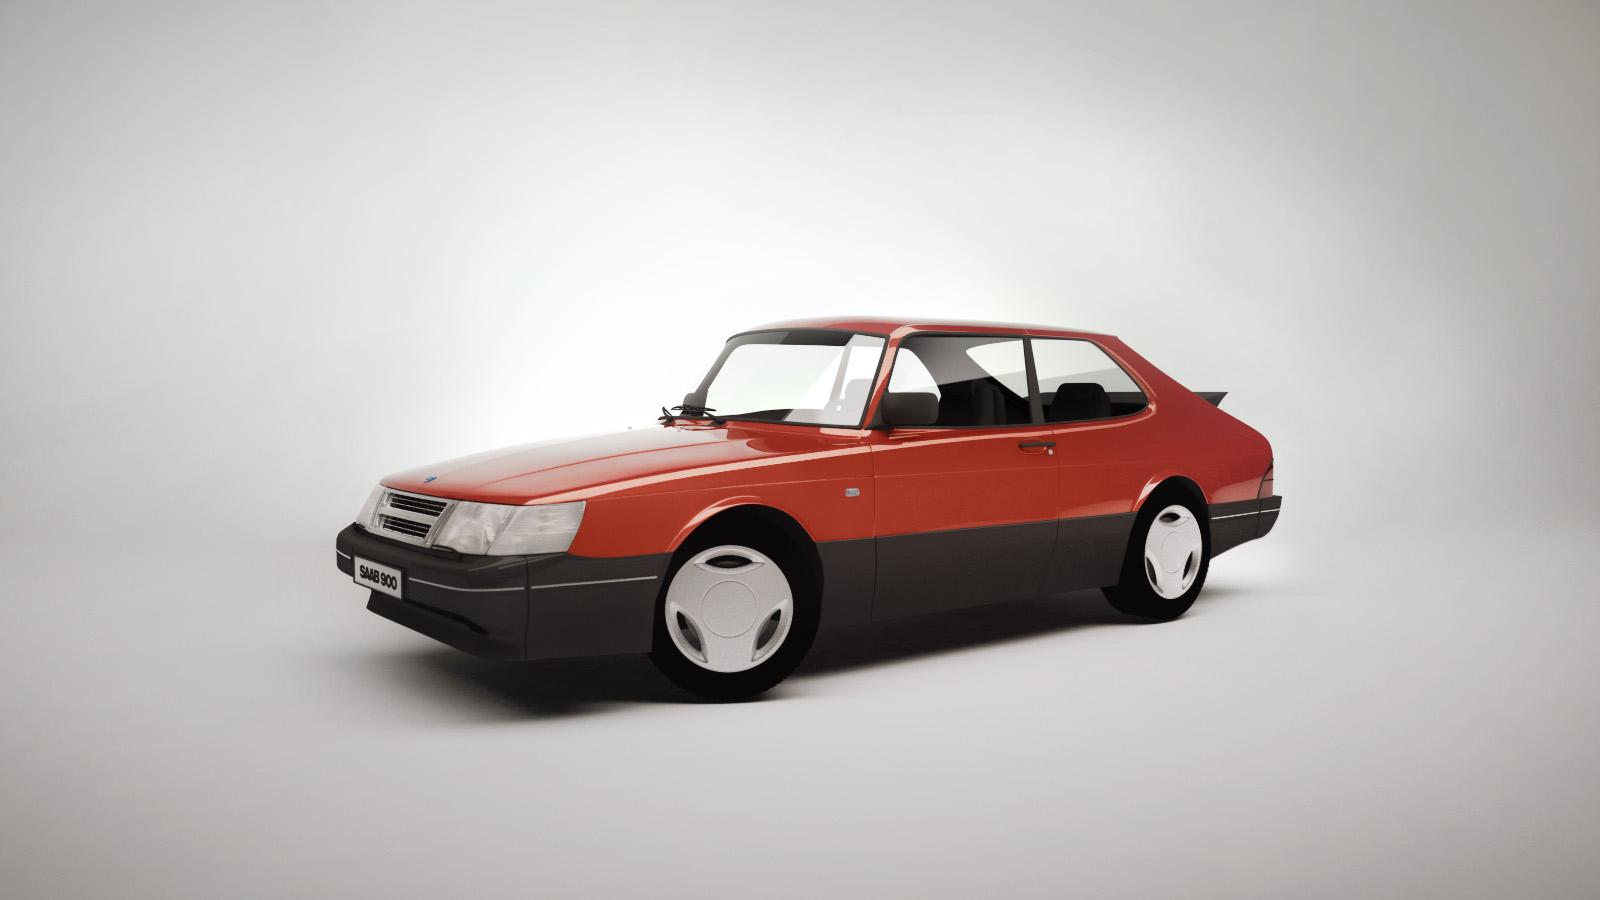 Saab 900 Jonathan Verriest 3d Artist Bringing Ideas